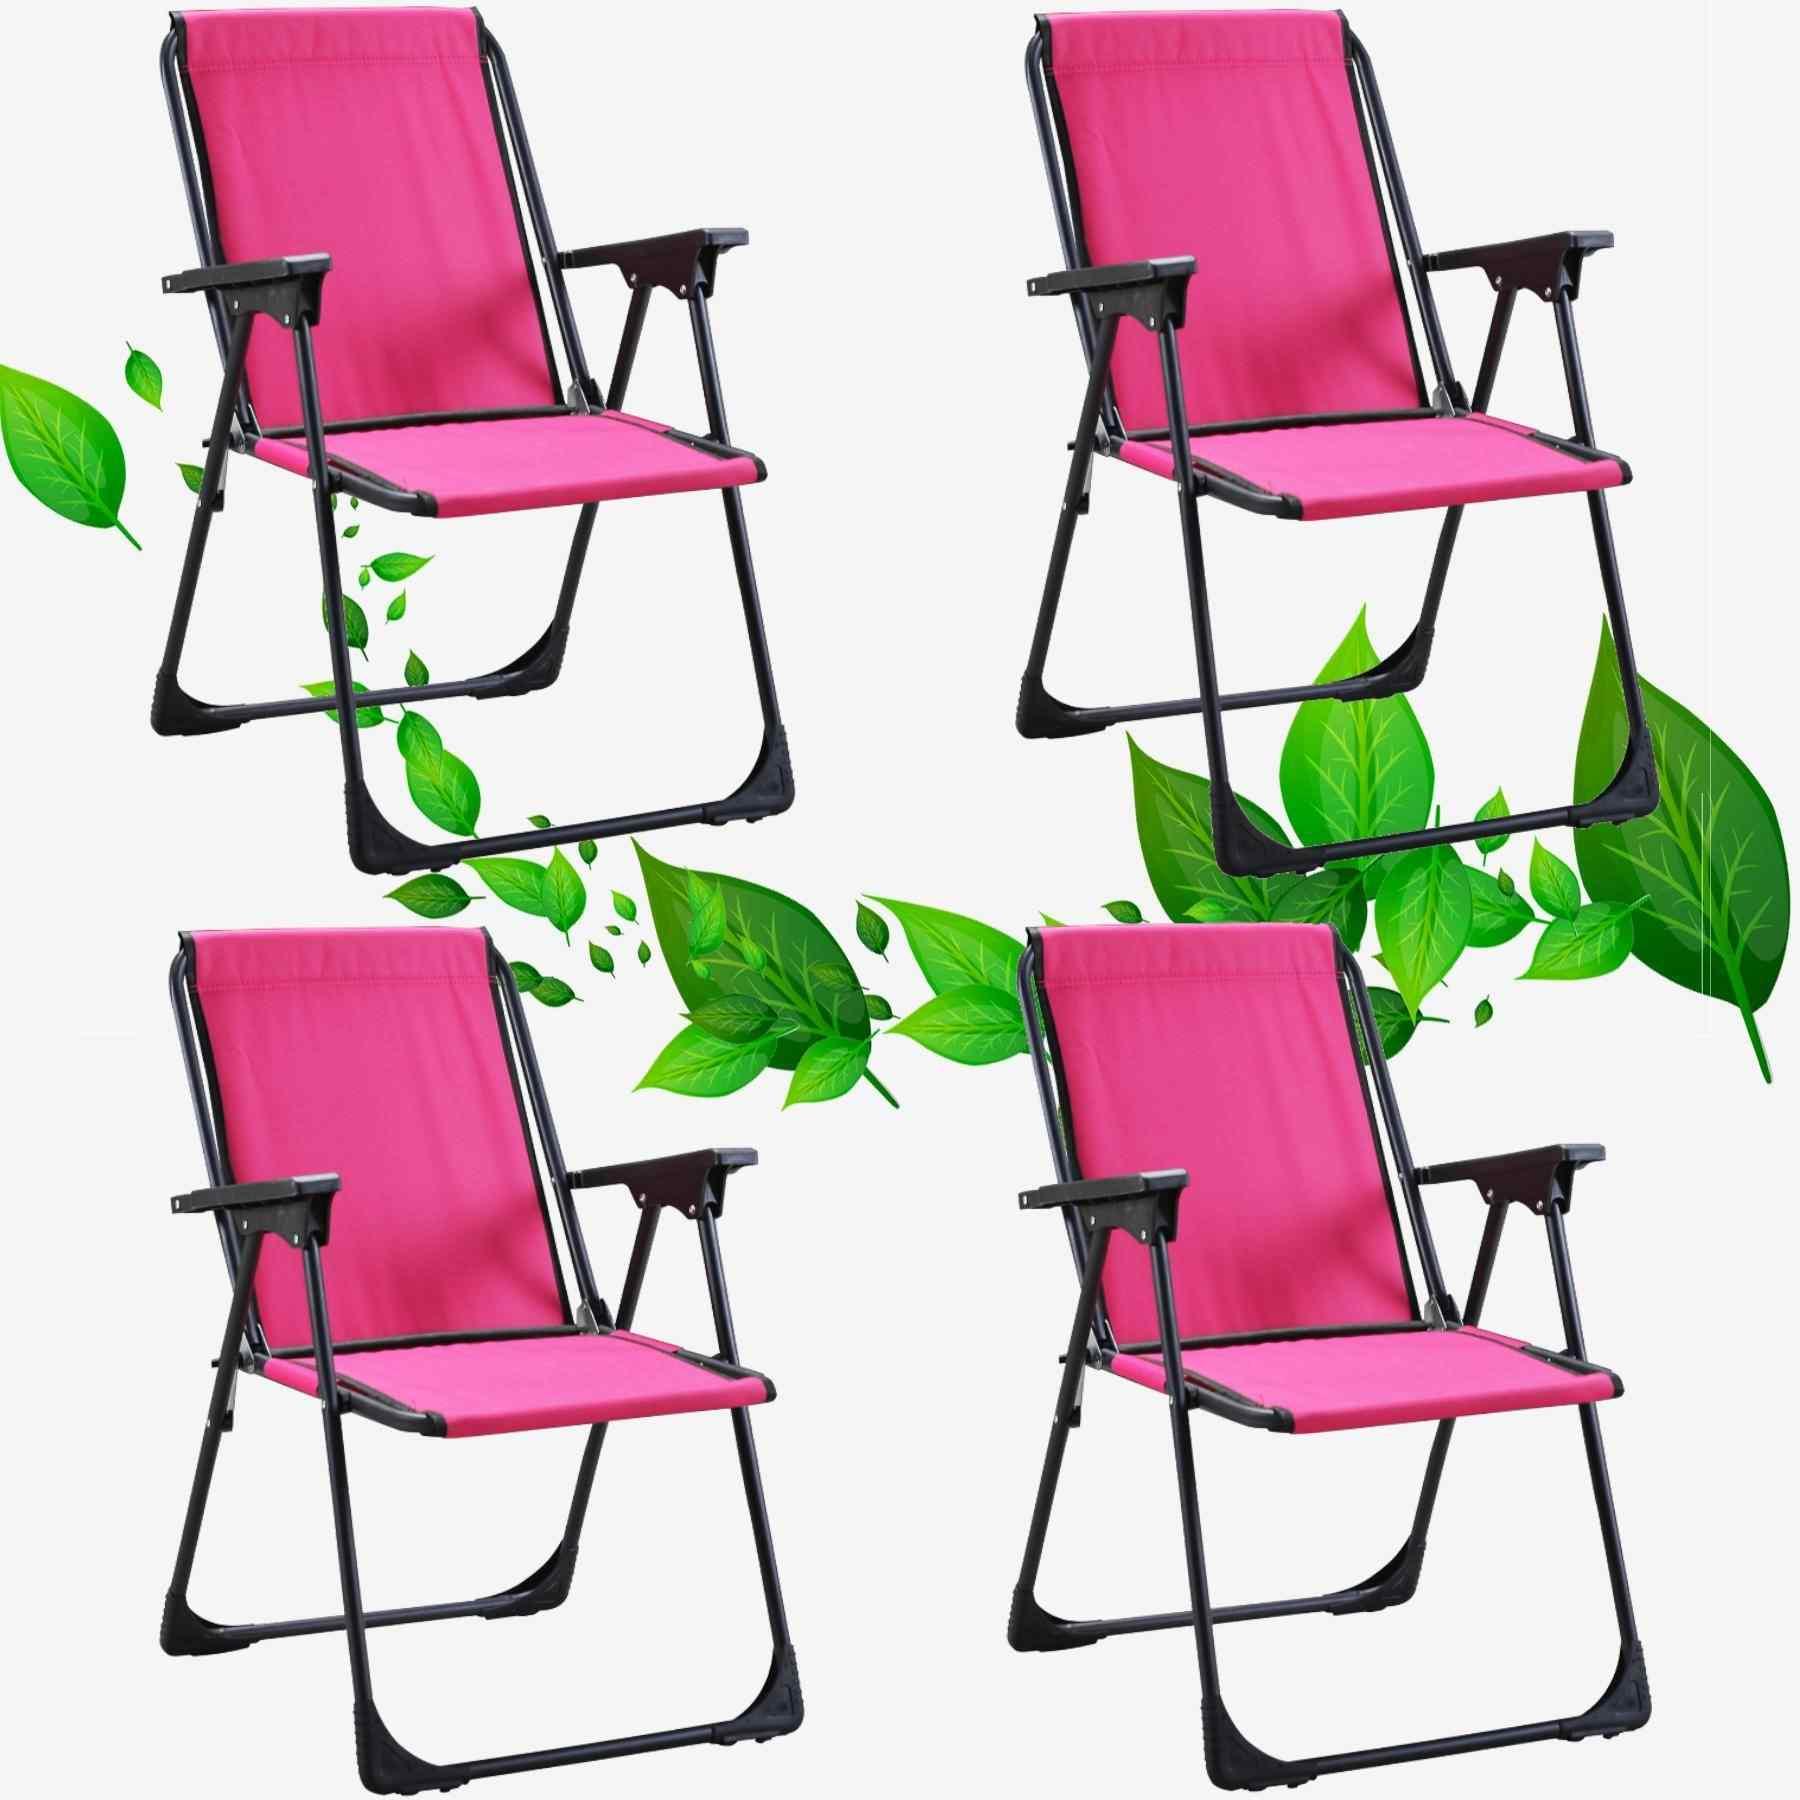 Star Katlanır Koltuk Piknik Plaj Sandalyesi Kamp Sandalyesi Pembe 4 Adet